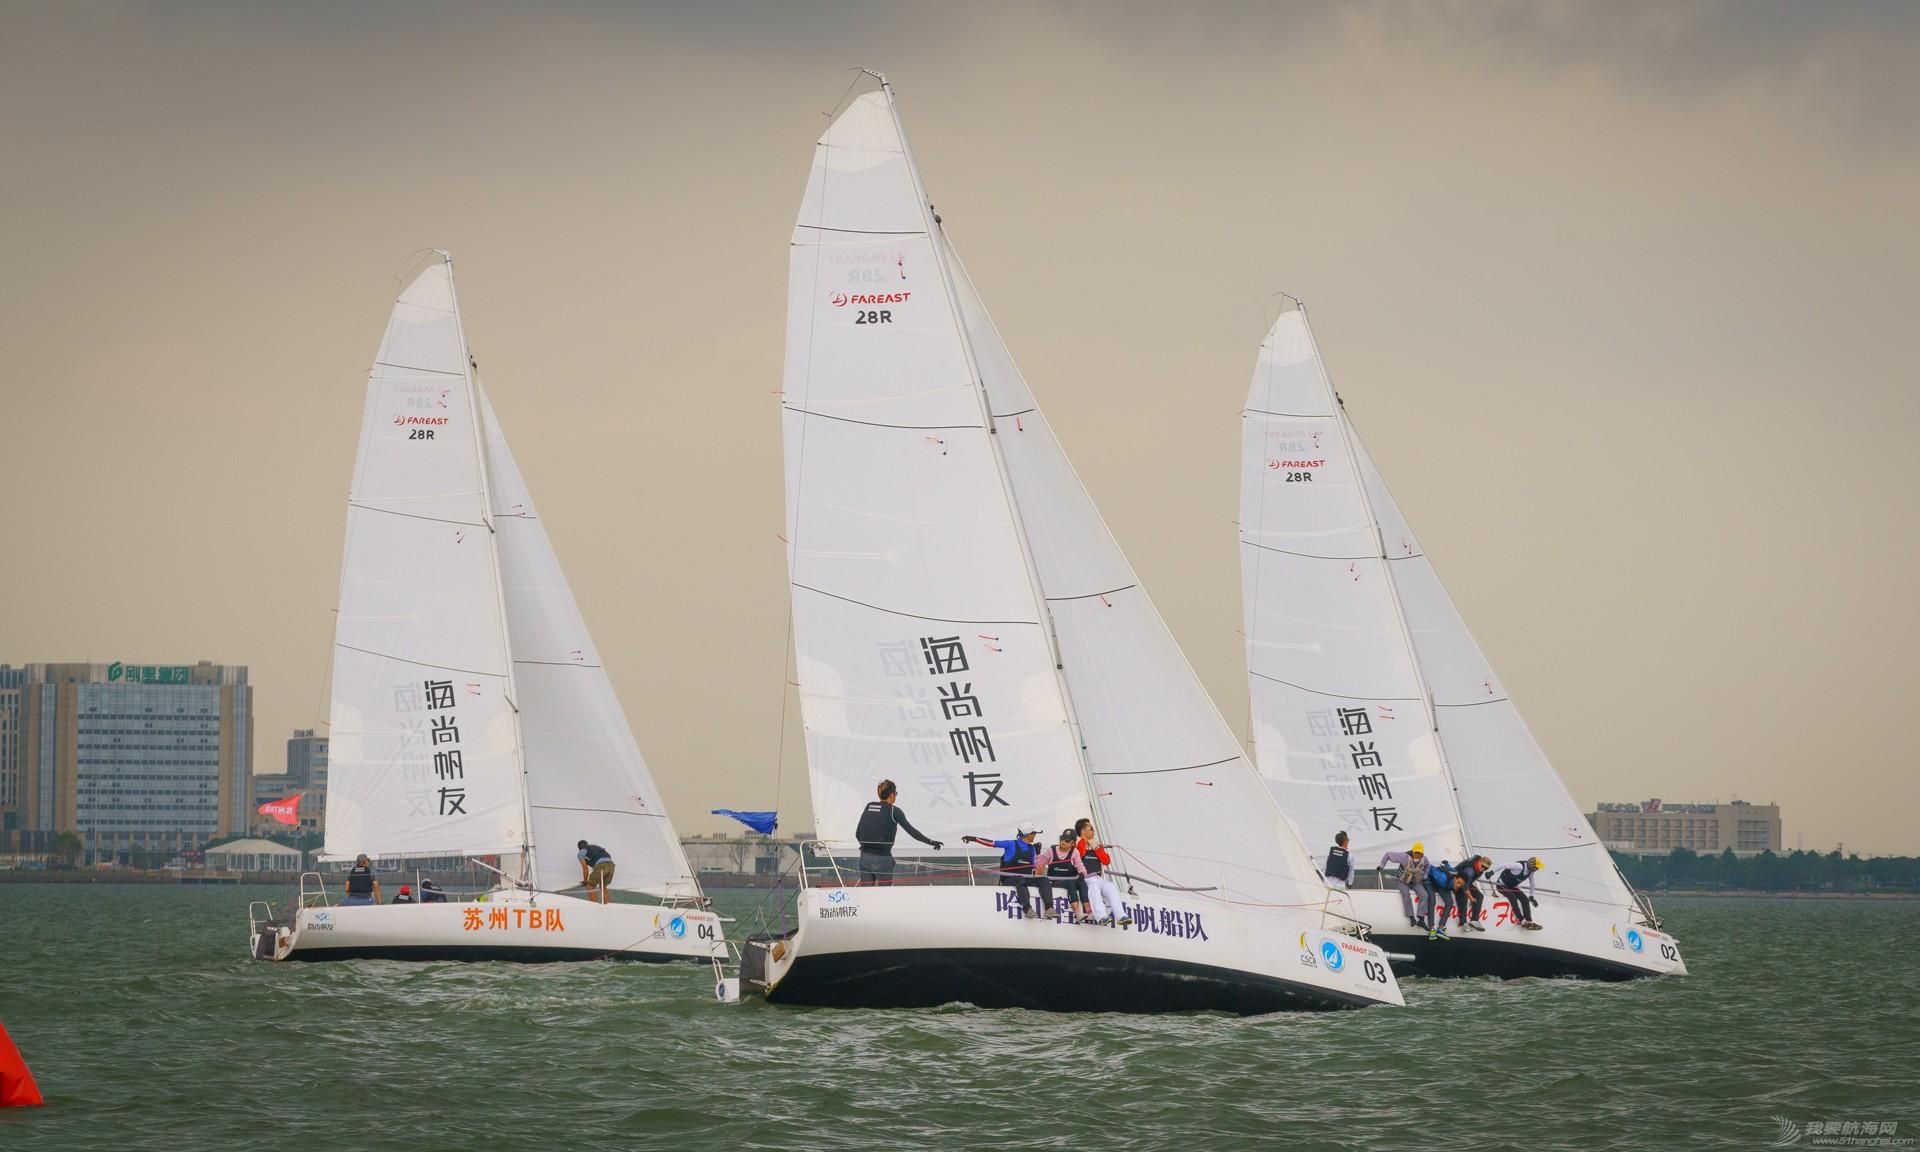 中国城市,俱乐部,帆船 帆船大奖掀高潮 2015中国城市俱乐部帆船赛完美落幕 赛事图